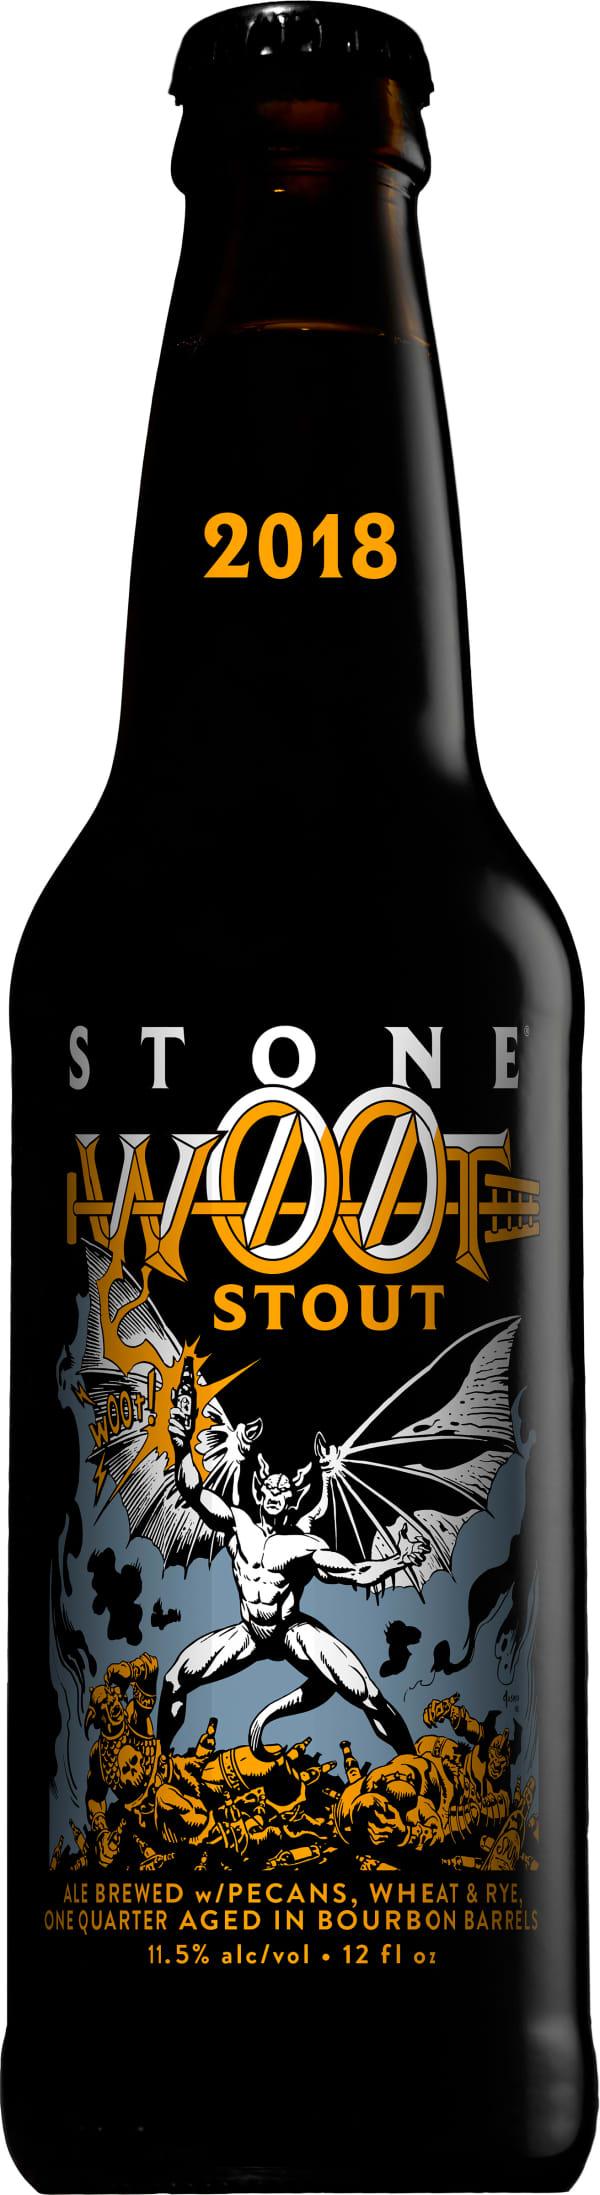 Stone W00t Stout 2018